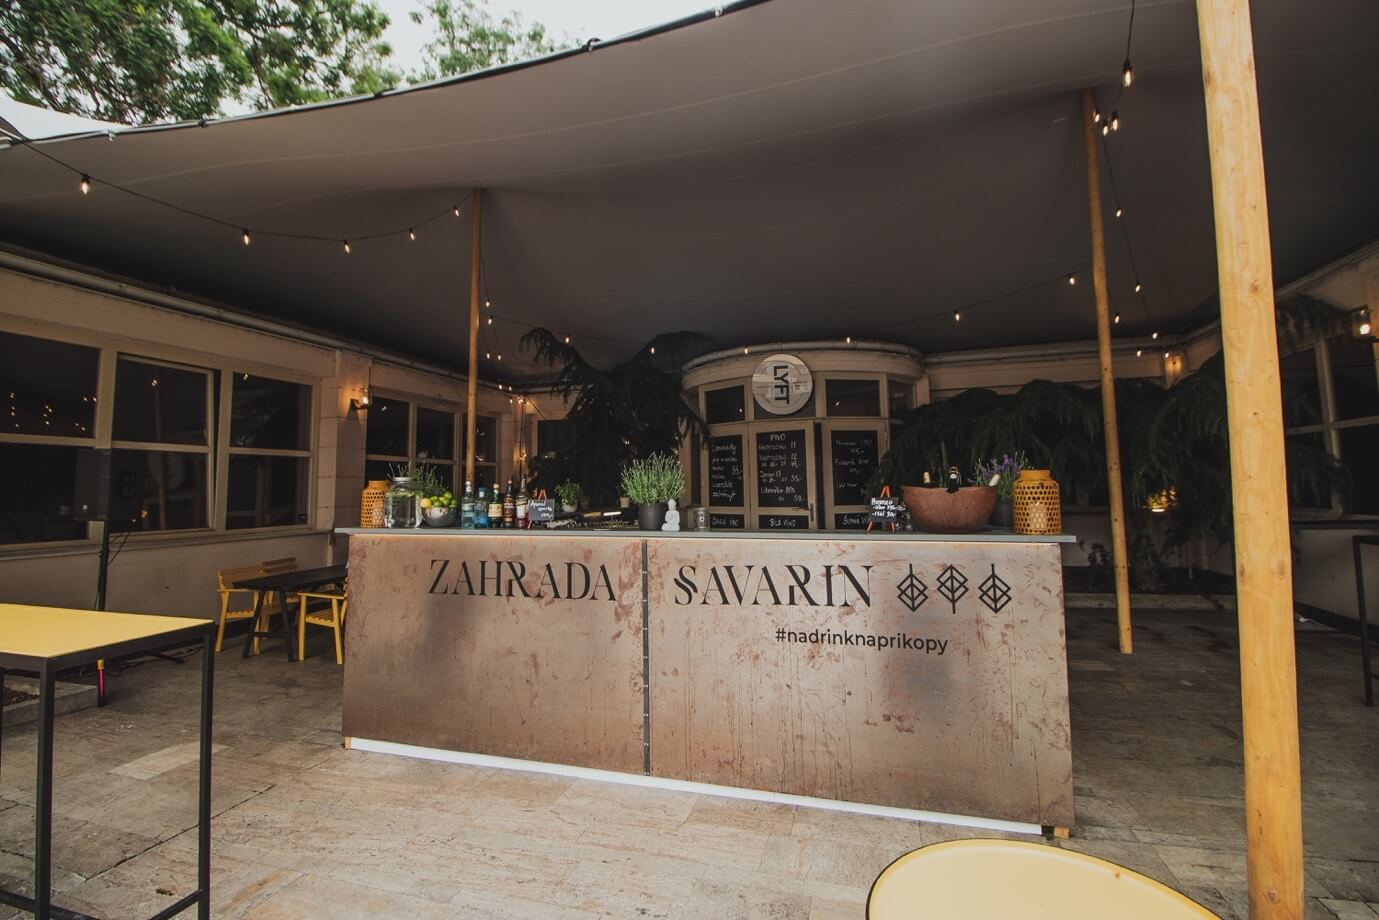 Zahrada Savarin 2